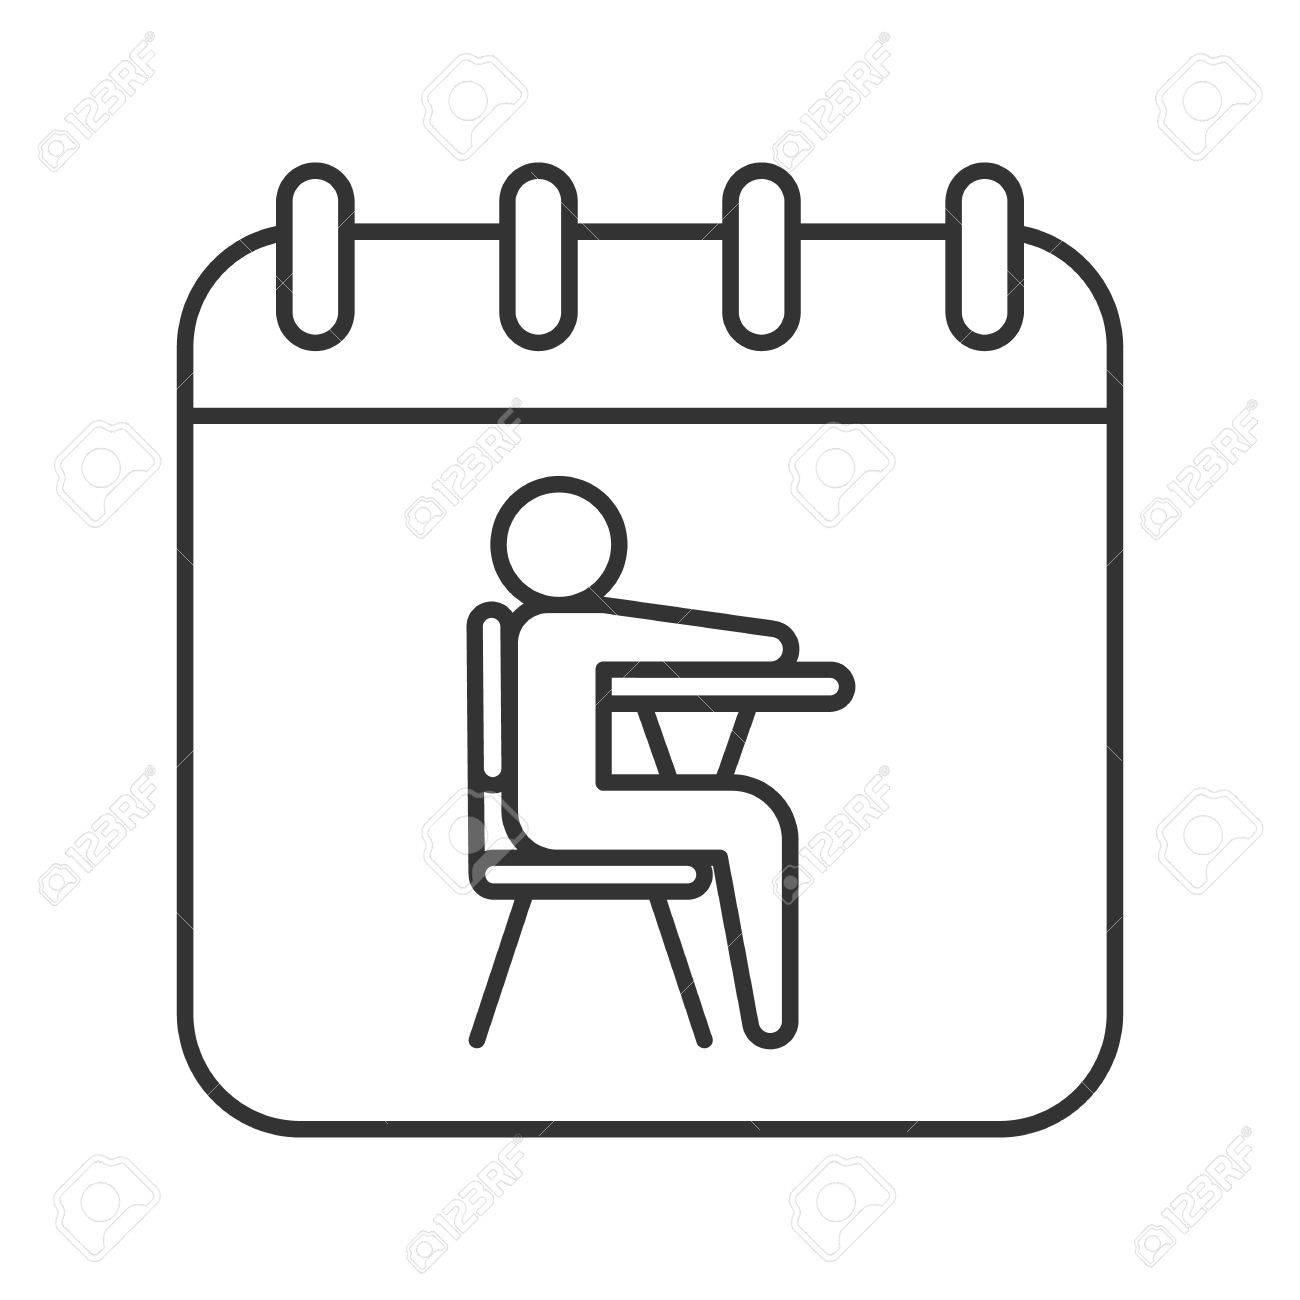 Calendario Dibujo Septiembre.1 De Septiembre Fecha Icono Lineal Ilustracion De Linea Fina Pagina De Calendario Con Simbolo De Contorno Del Alumno Dibujo De Esquema Aislado De